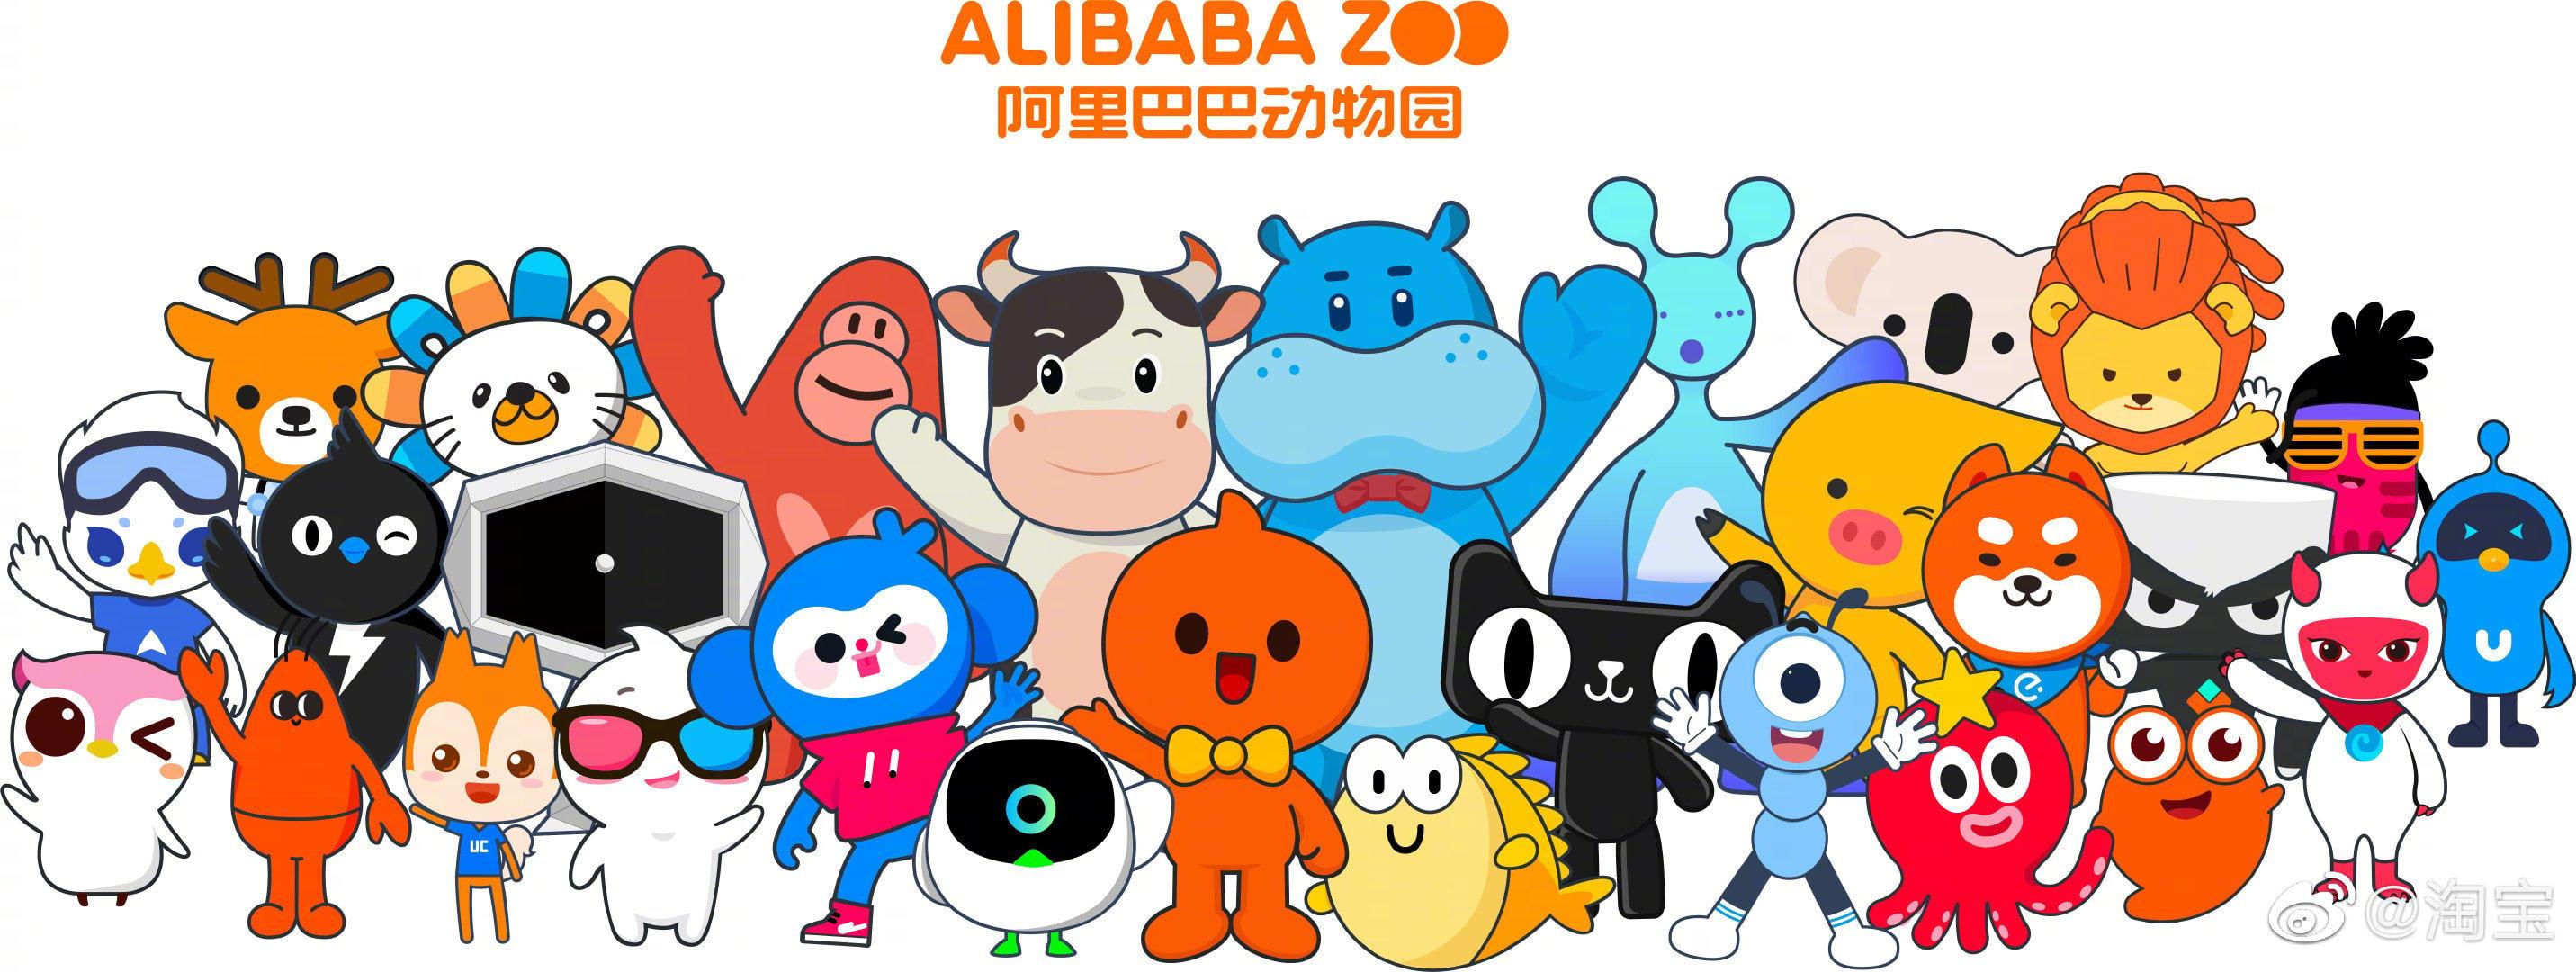 动物卡通logo怎么设计?带你看看阿里巴巴动物园